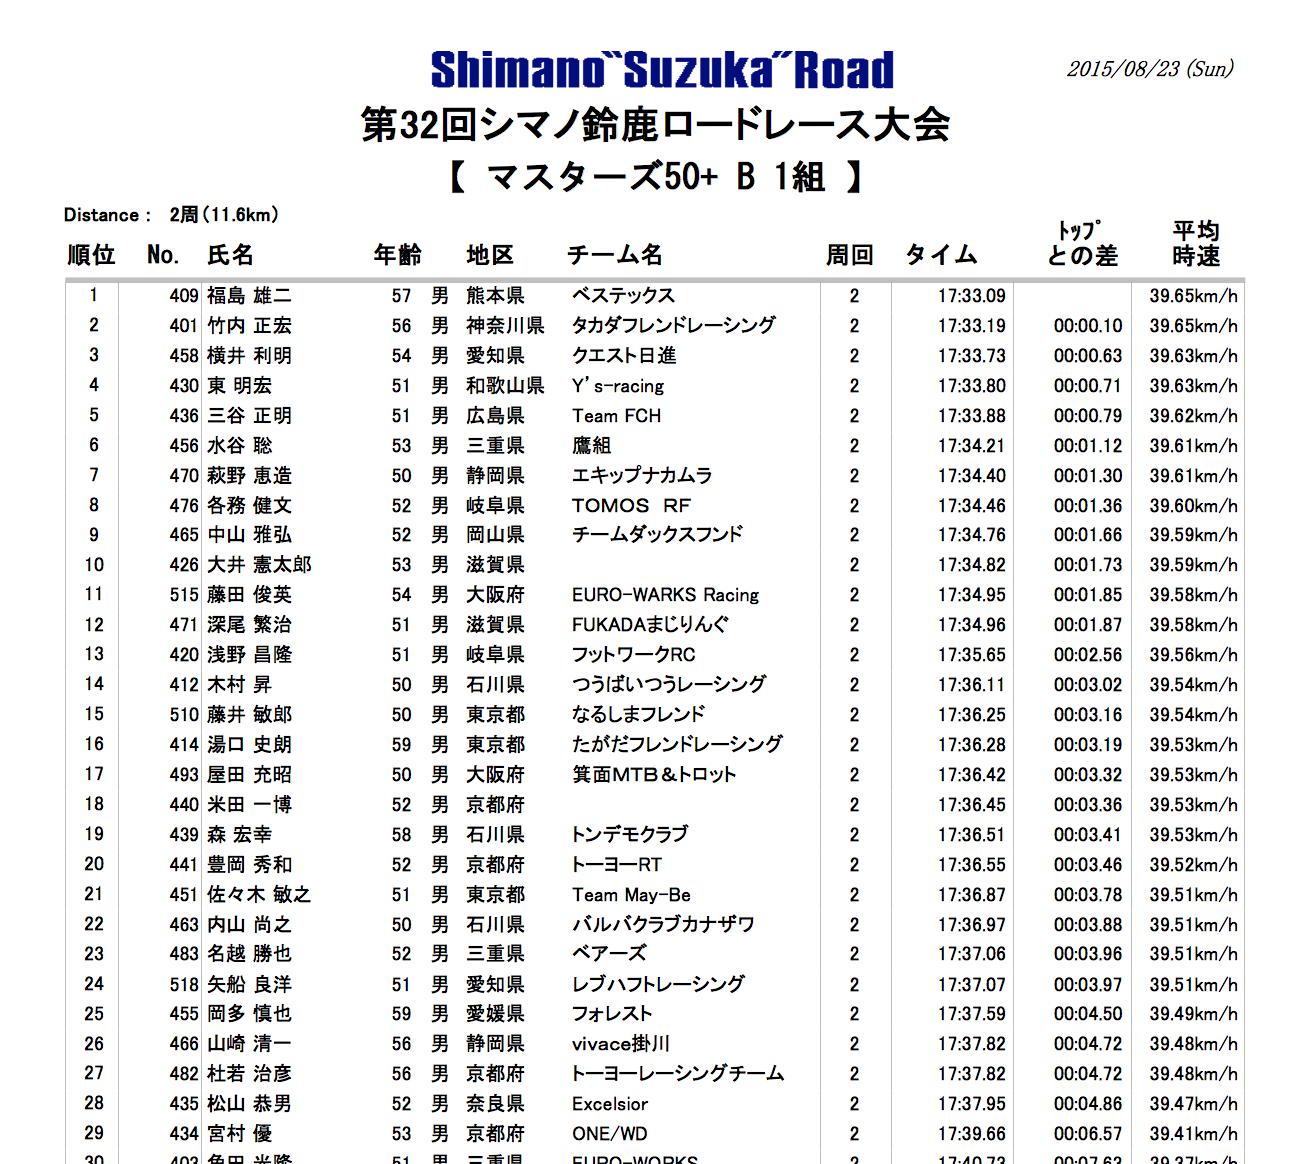 2015.08.23「シマノ鈴鹿ロードレース」_c0197974_2214968.png